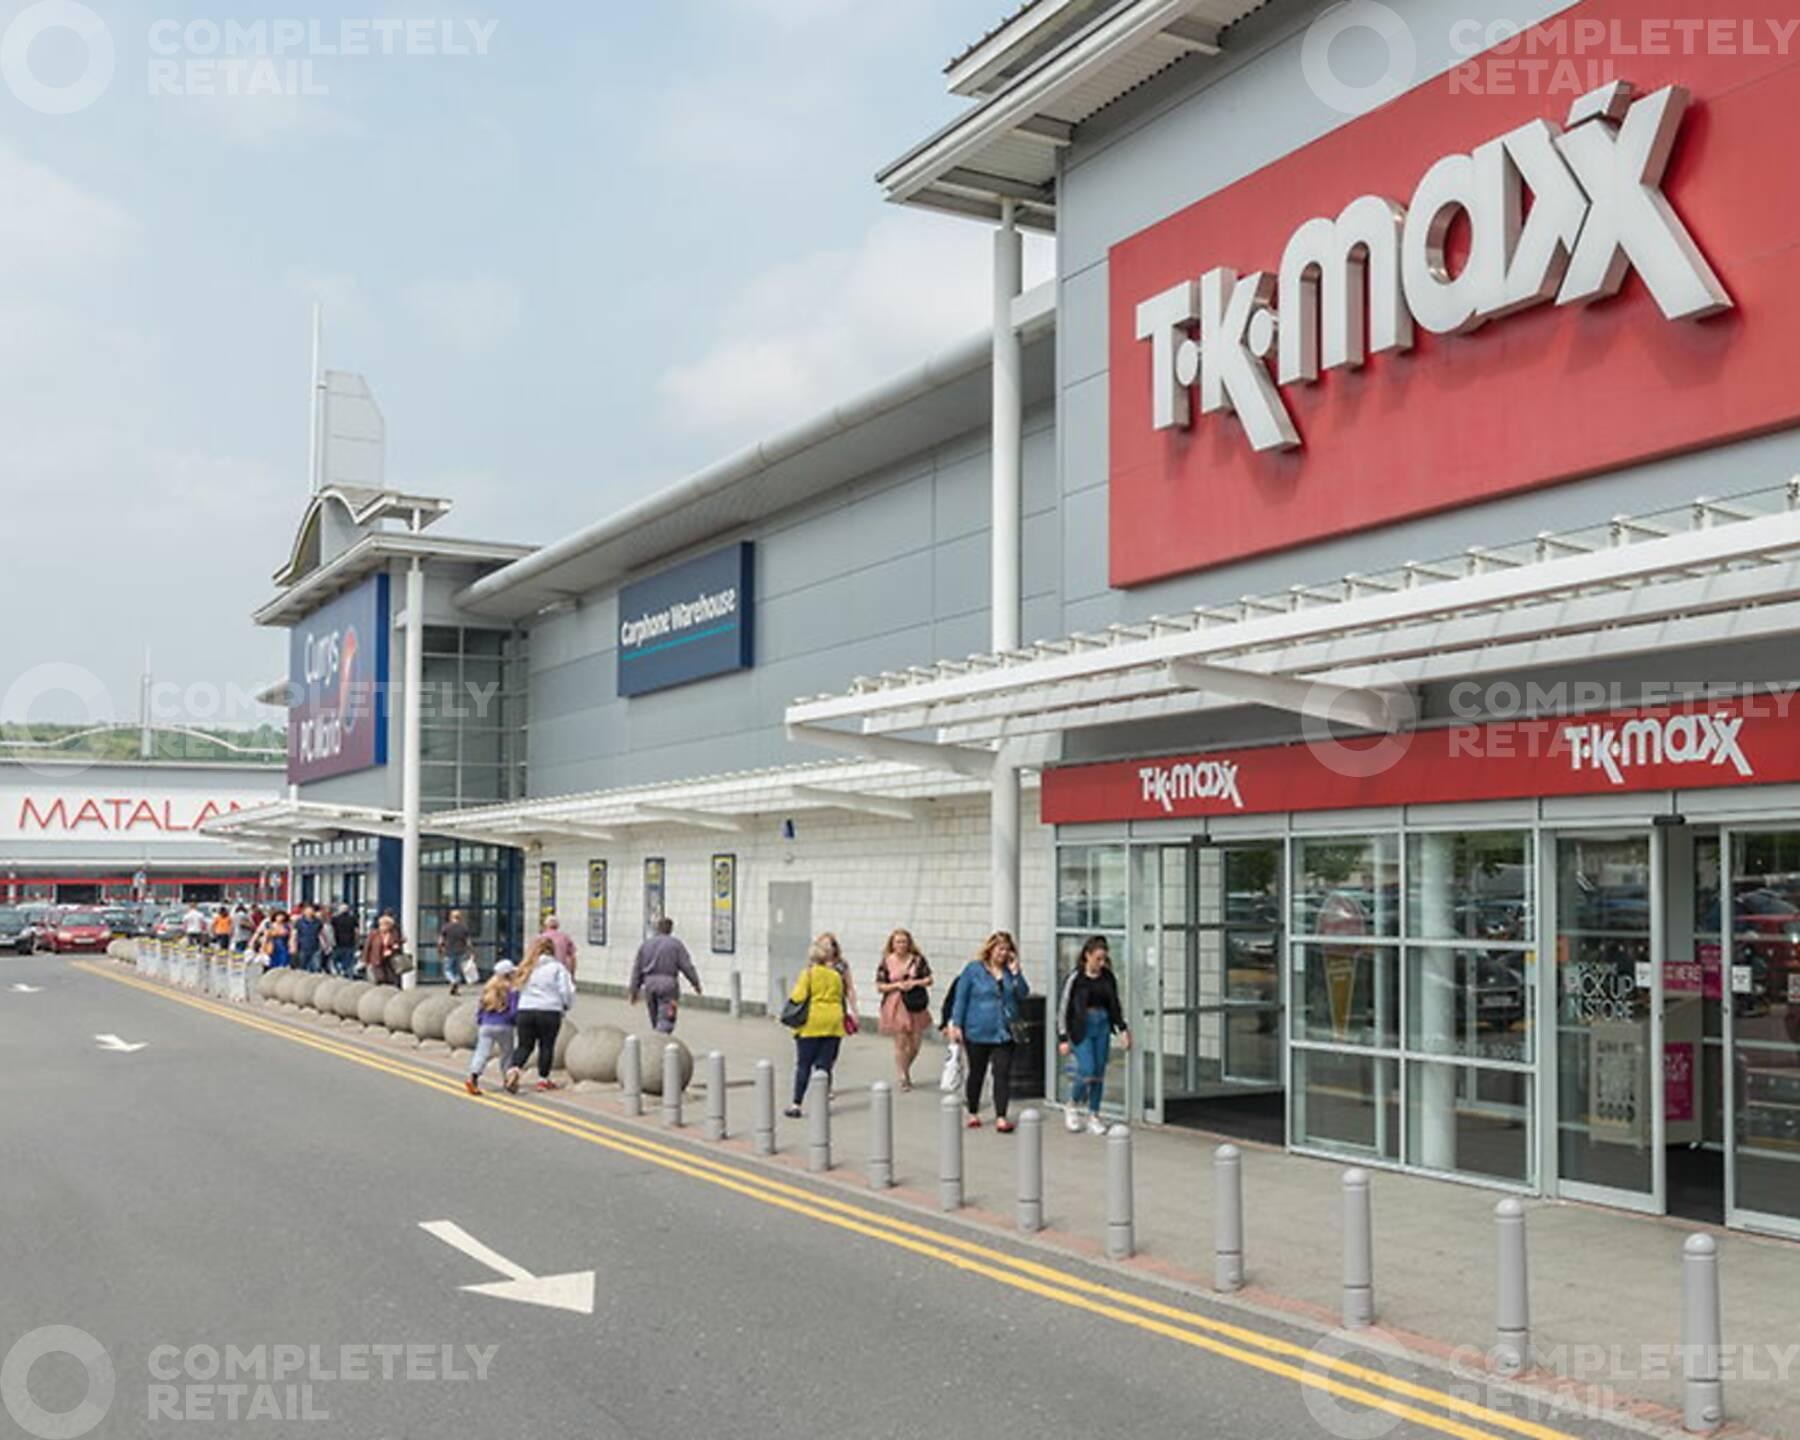 Cyfarthfa Shopping Park